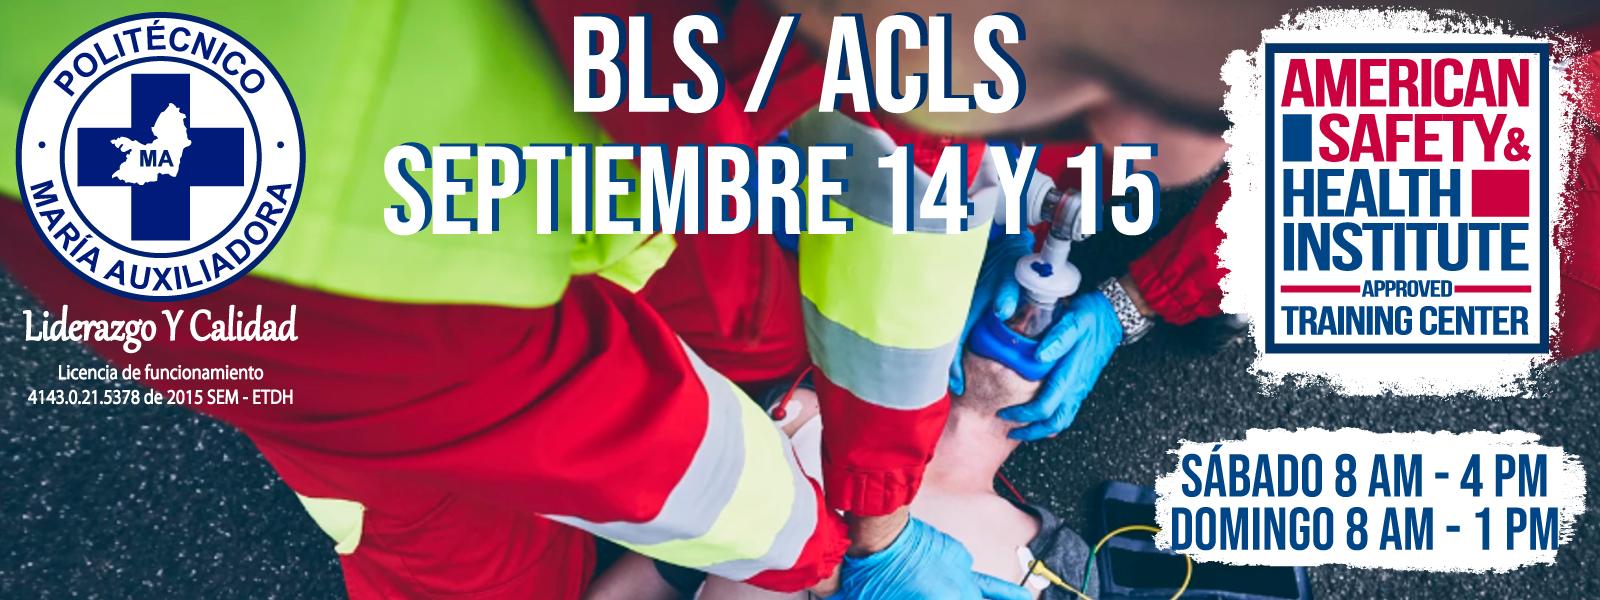 BLS-ACLS-Septiembre-14-15